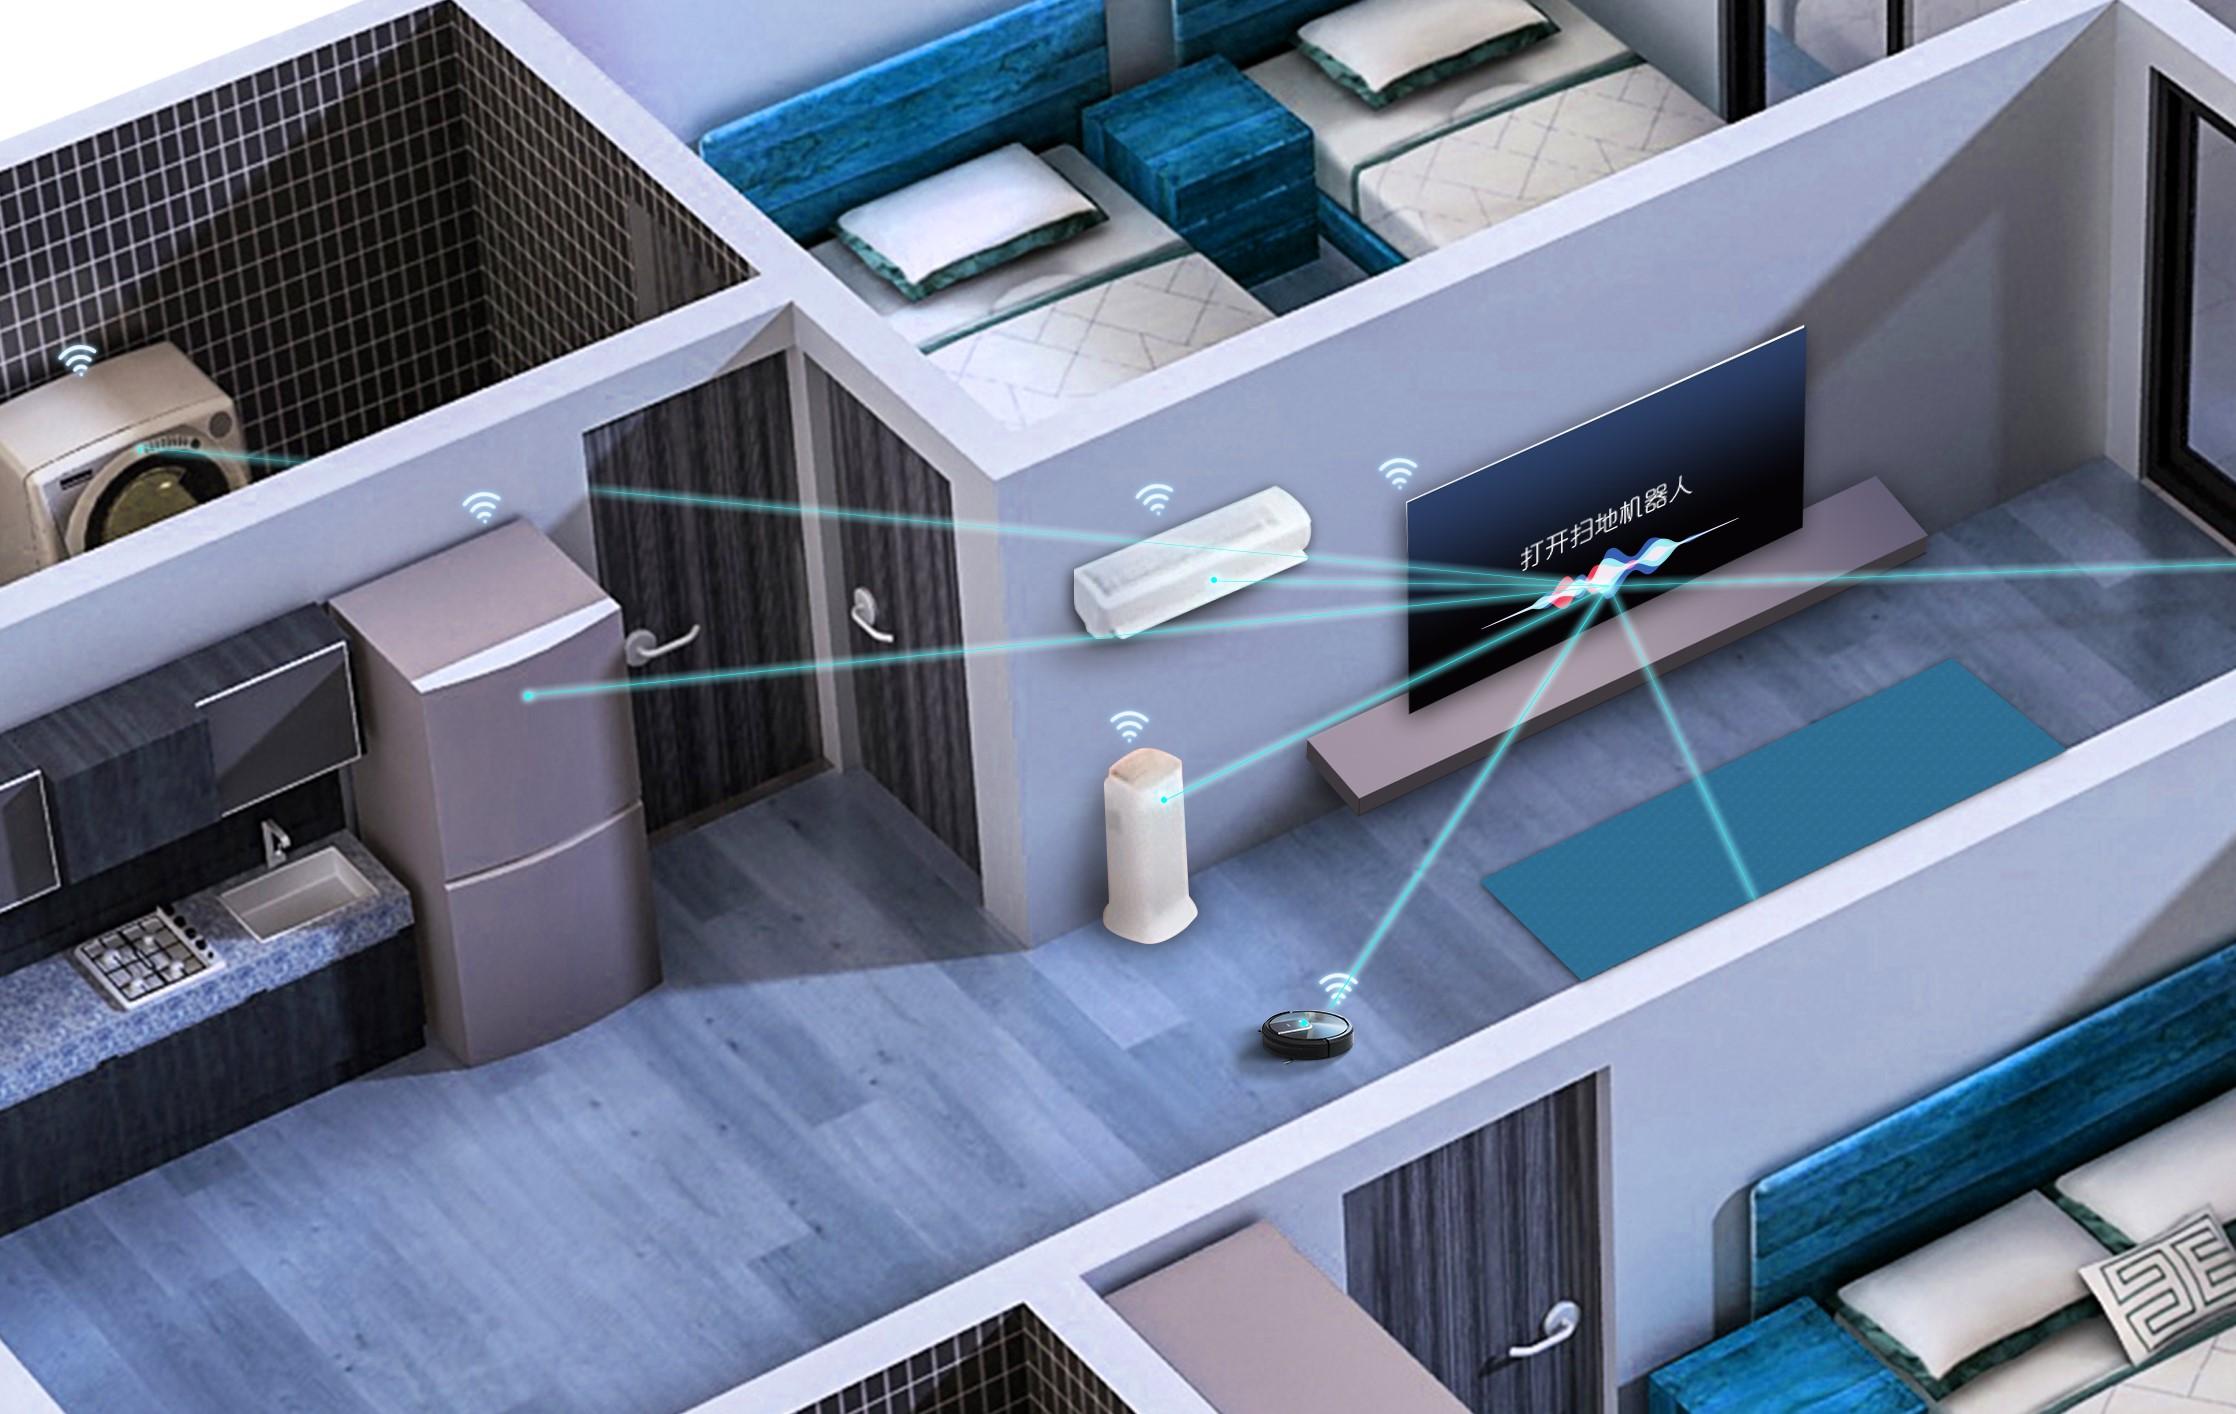 Smart TV AI Aqua có thể kết nối và điển khiển các thiết bị thông minh trong gia đình như tủ lạnh, điều hòa, máy giặt...